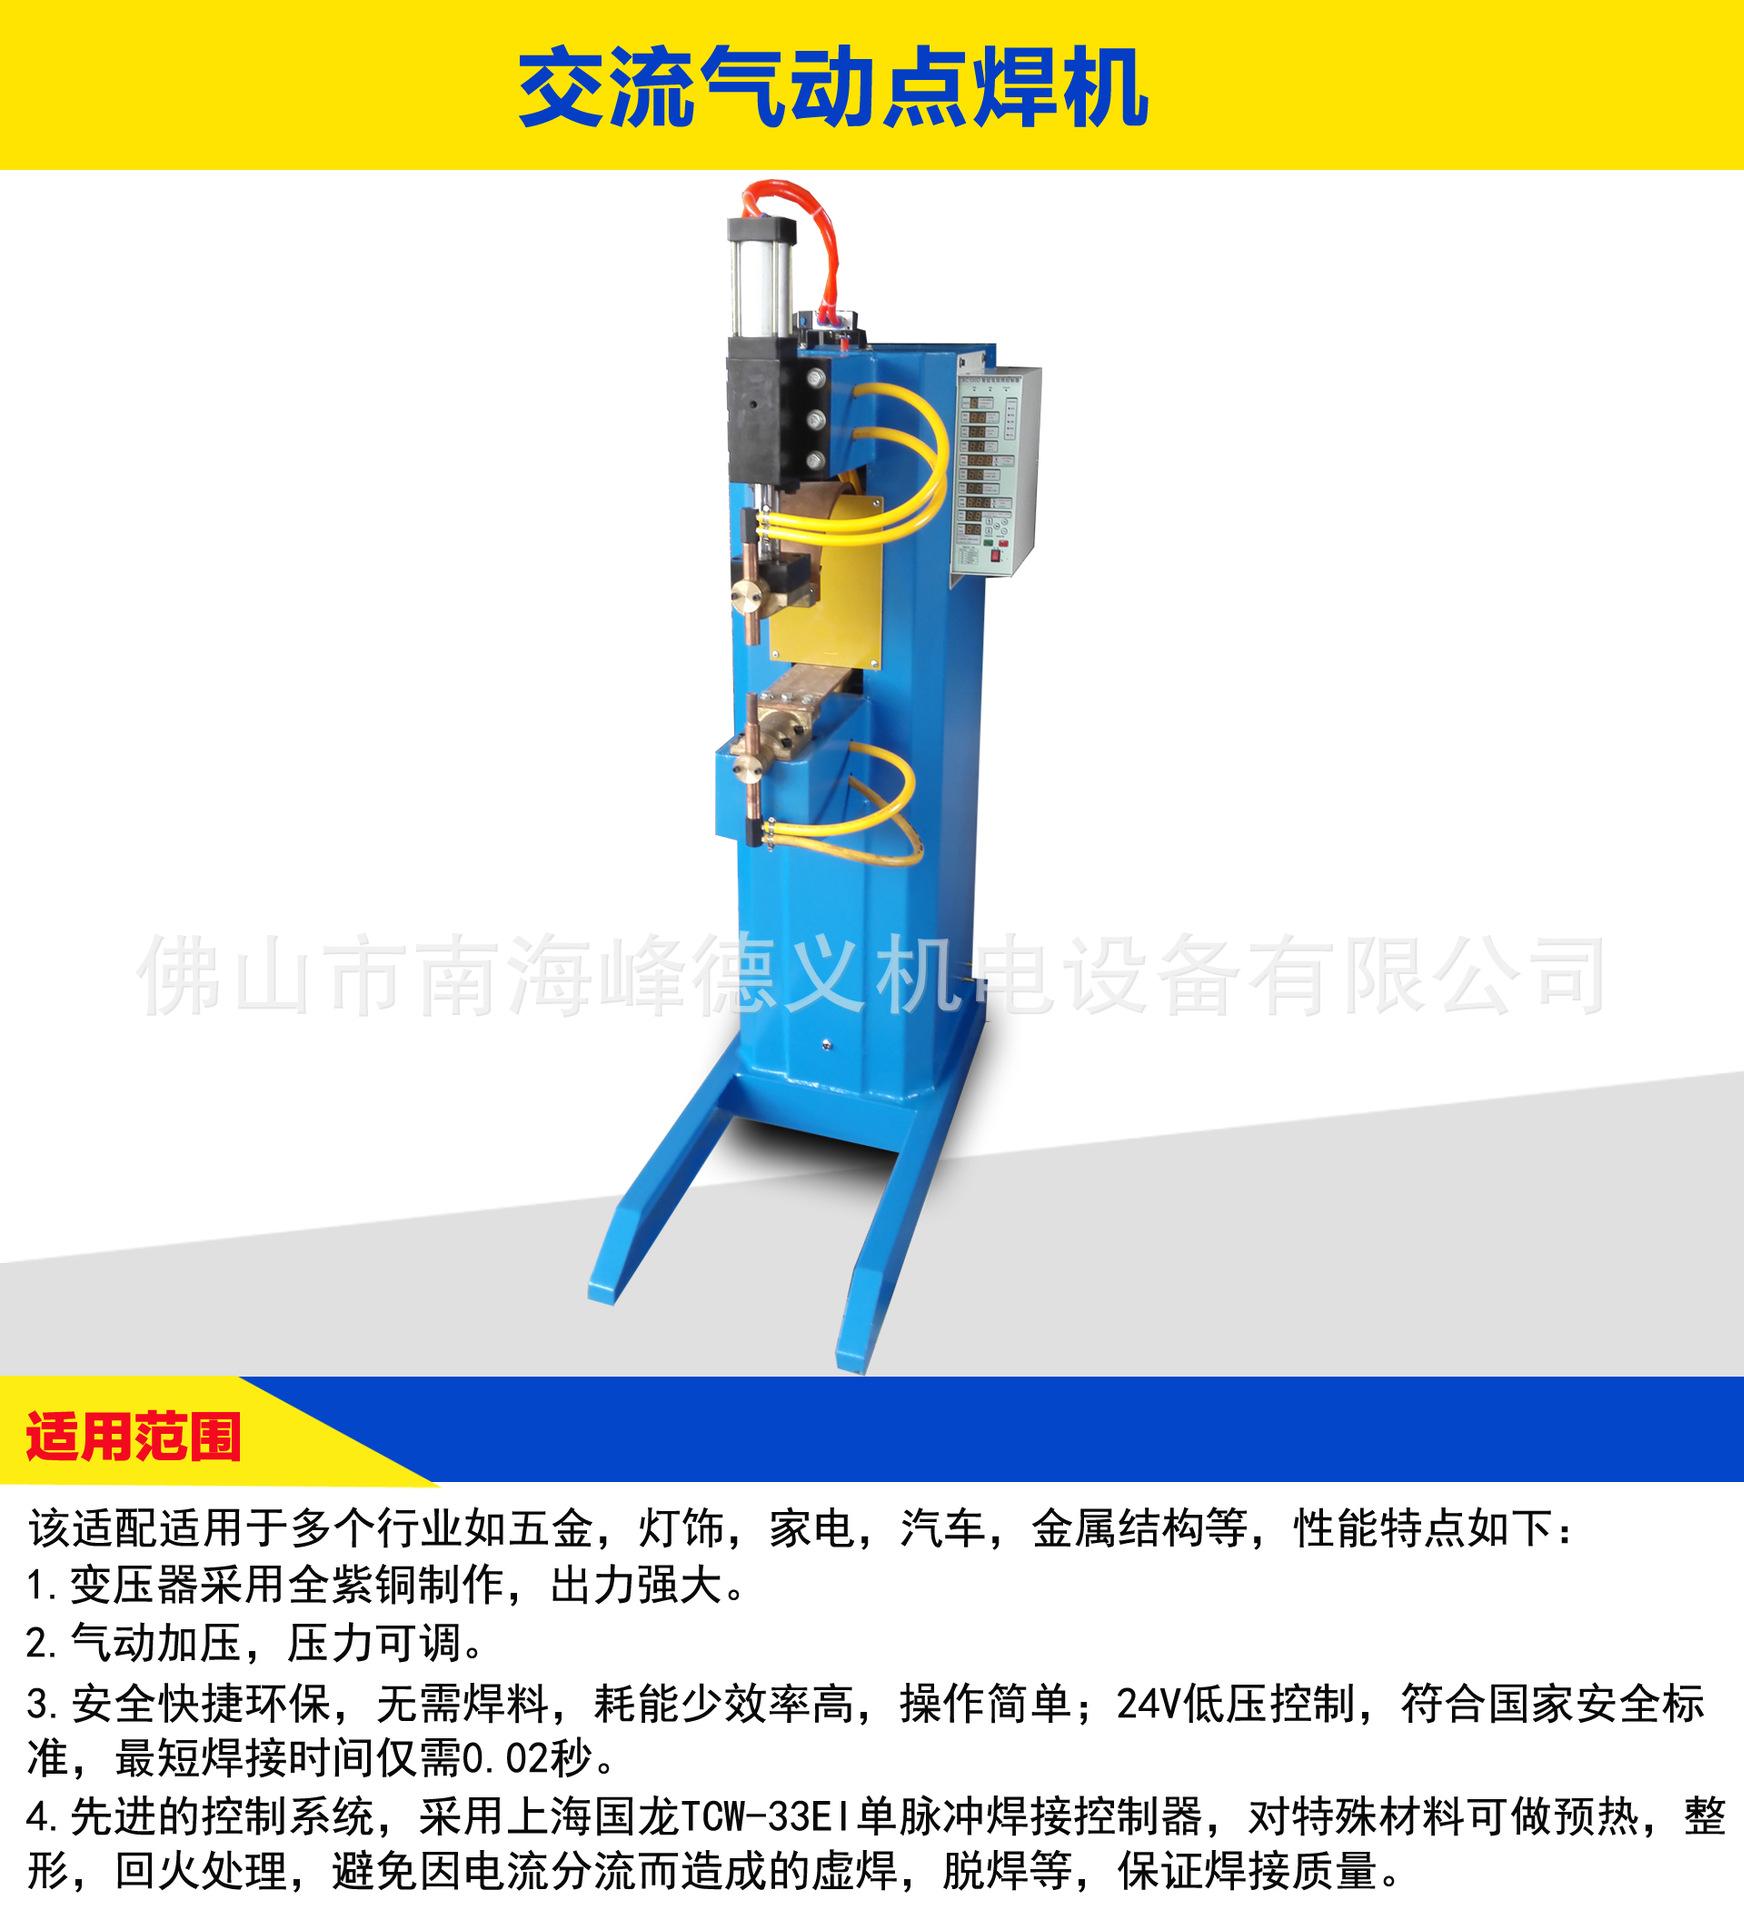 厂家热卖DTN-35KVA数控气动交流点焊机  自动不锈钢碰焊机示例图3